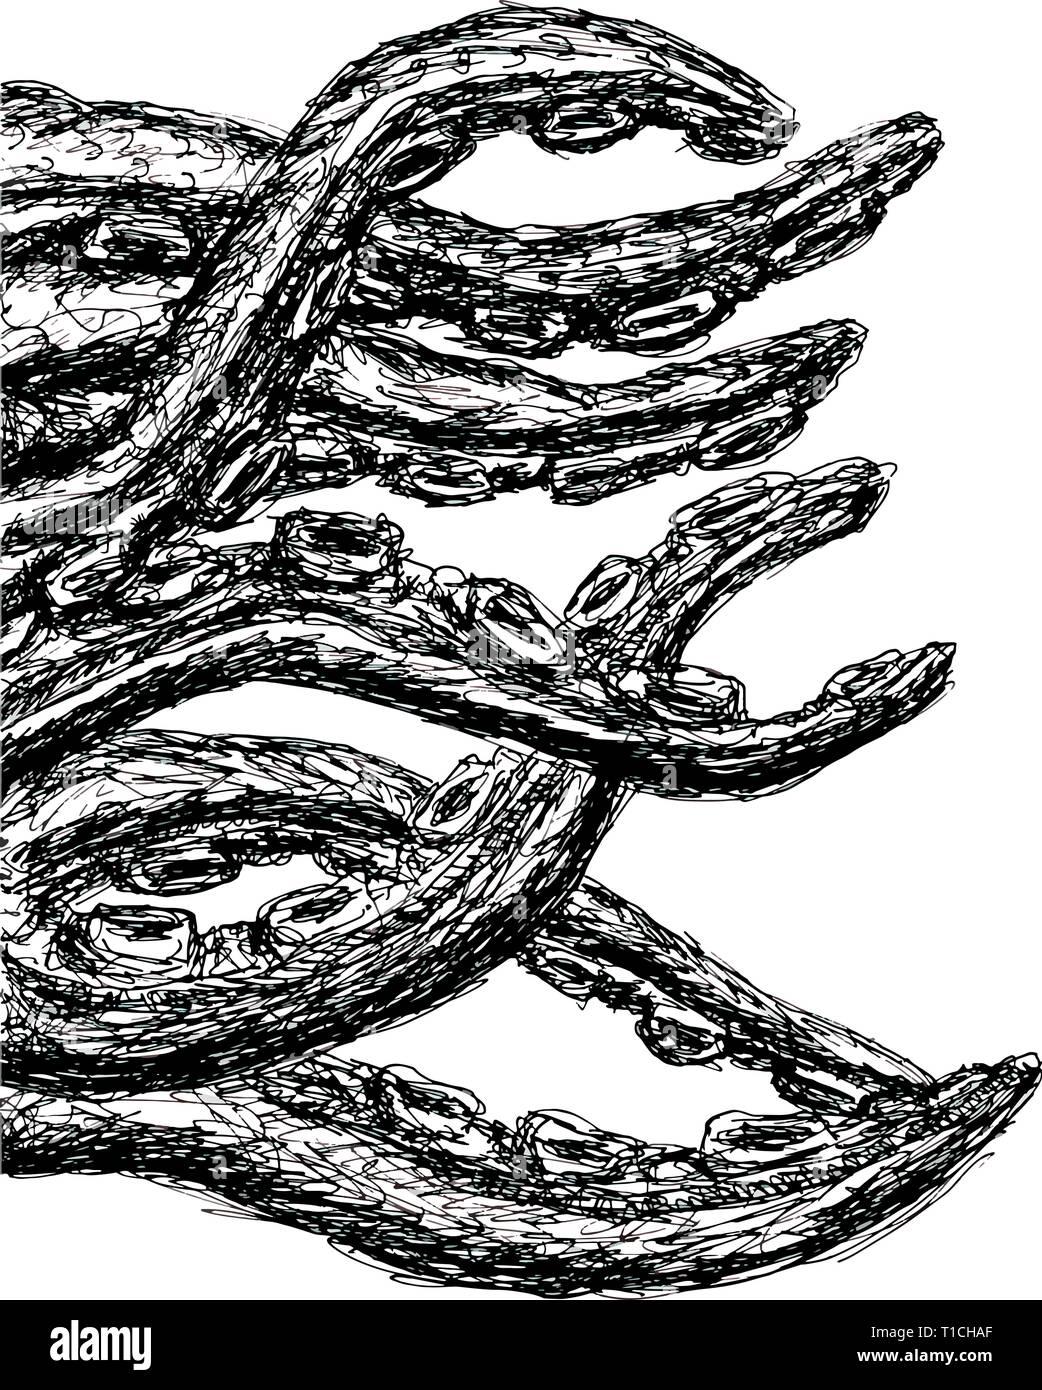 Kraken Imágenes De Stock Kraken Fotos De Stock Página 3 Alamy